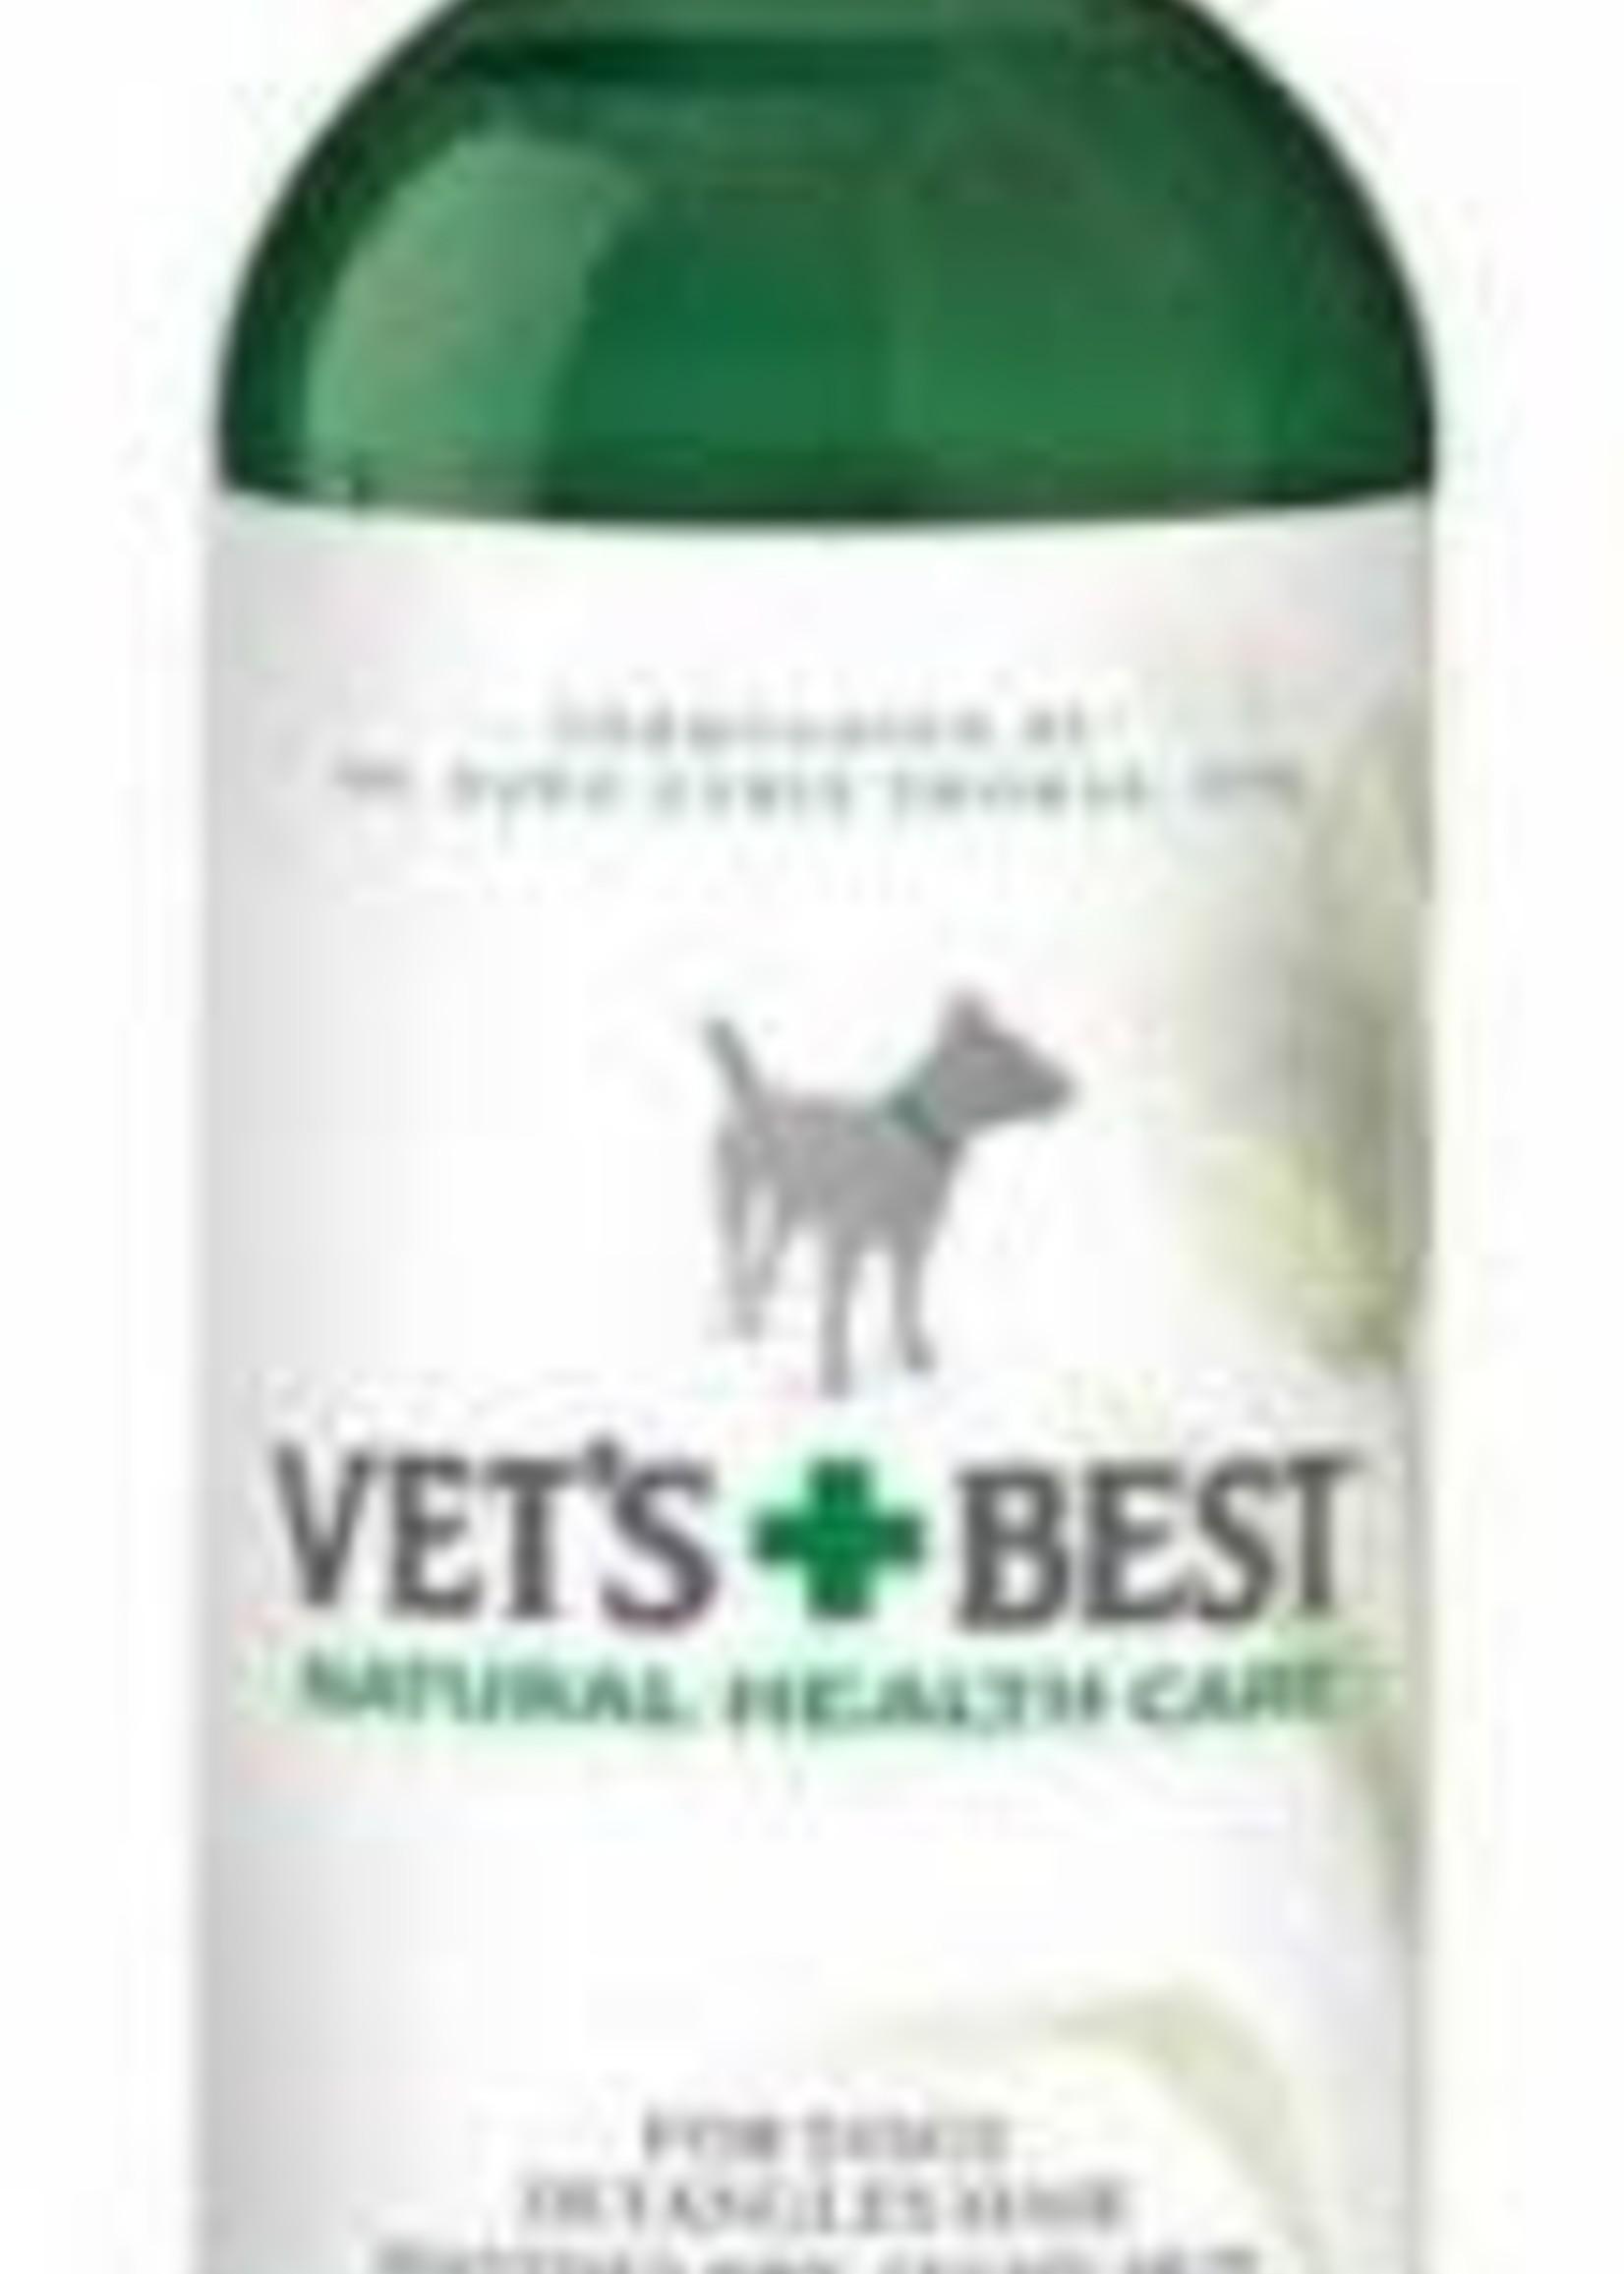 Vet's Best Vet's Best Moisture Mist Conditioner K9 16oz